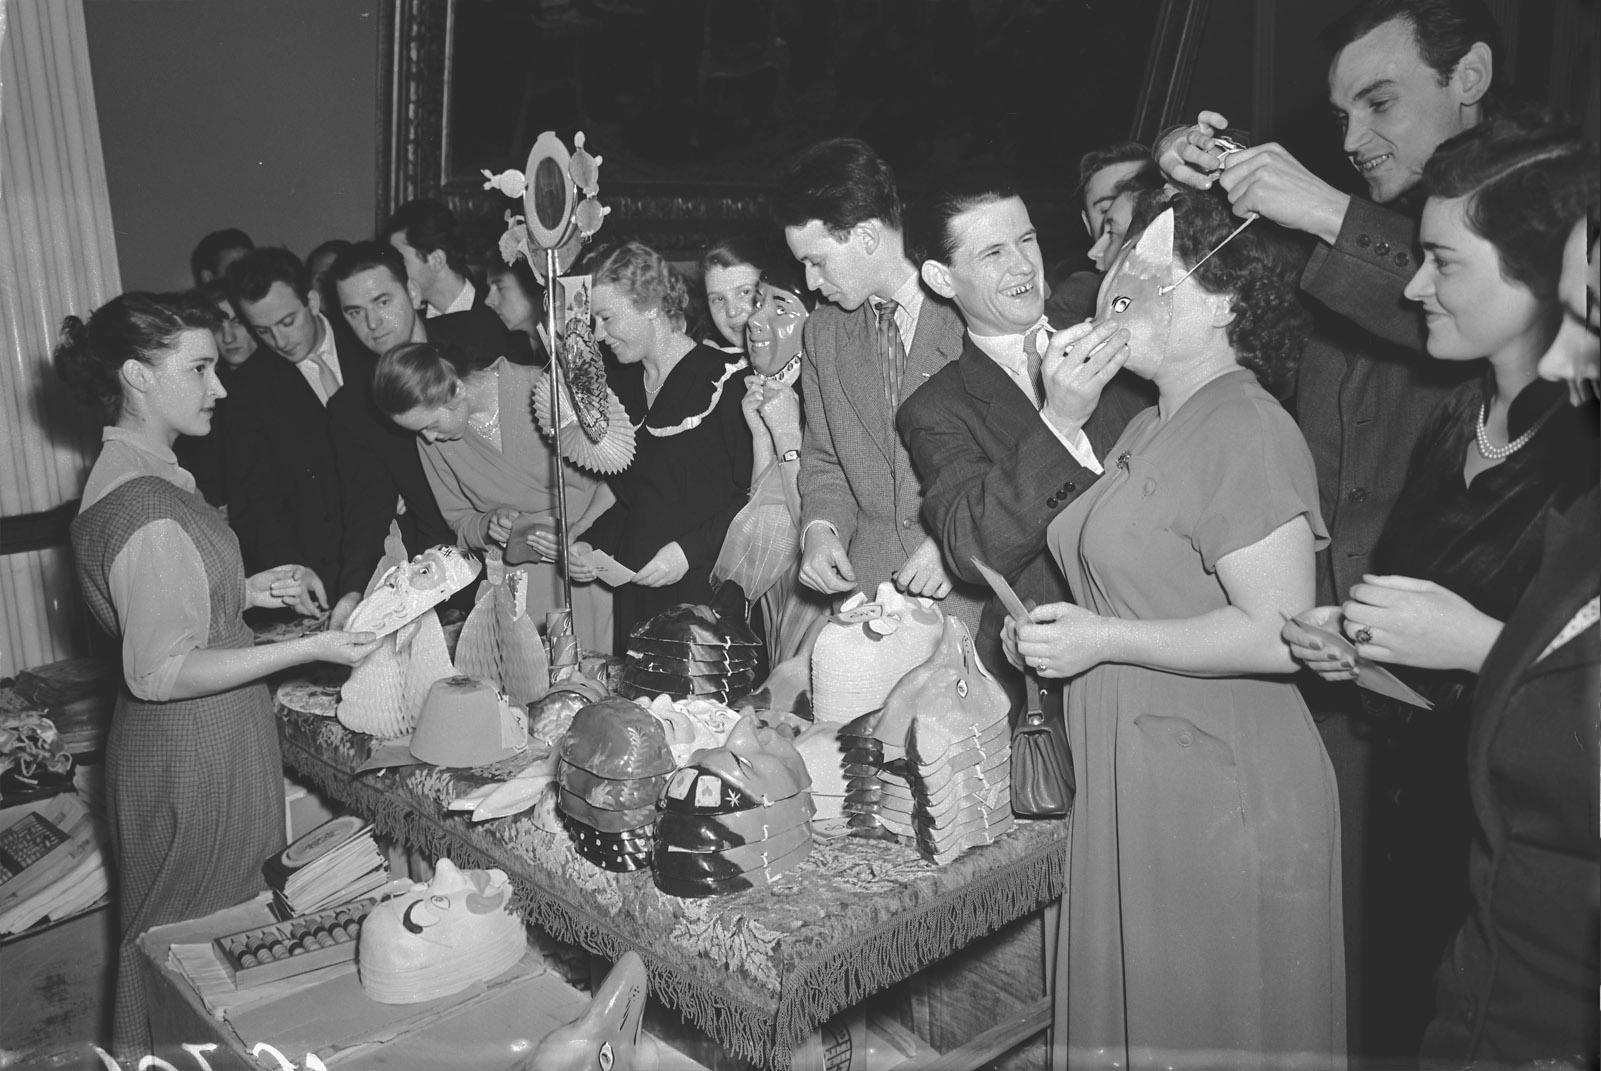 1958. Участники новогоднего бала молодёжи в Большом Кремлёвском дворце покупают маски. Авторы В. Кошевой, В. Егоров. 1 января